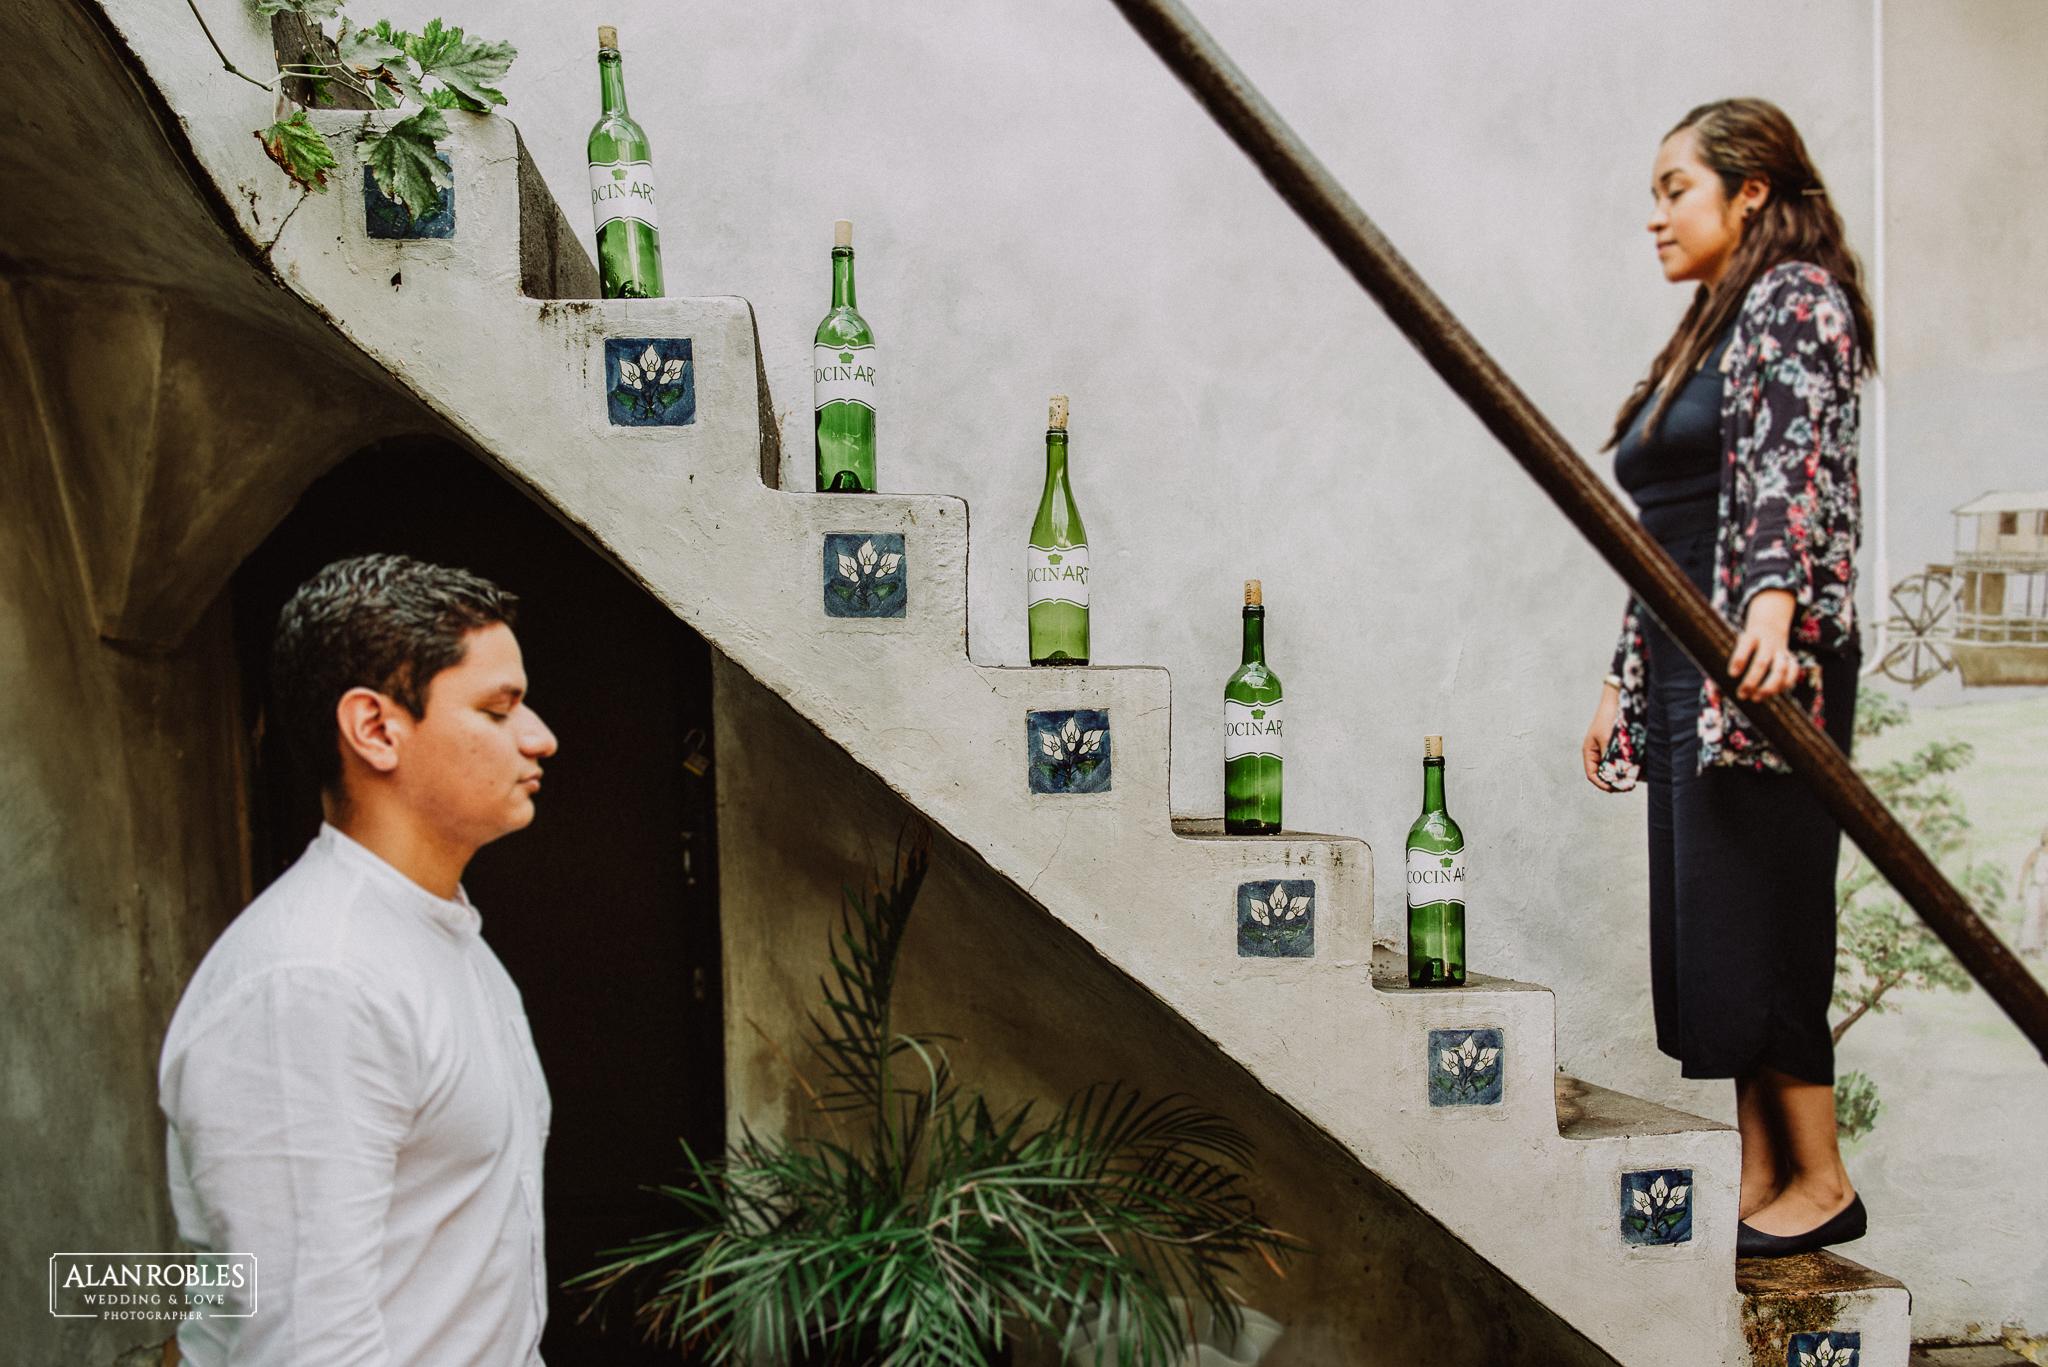 Sesion de fotos Preboda en Laguna de Chapala, Ajijic. Fotografia de bodas - Alan Robles Wedding & Love Photographer, Fotografo de bodas en Guadalajara. Fotos creativas para boda. Ideas para fotos de boda.